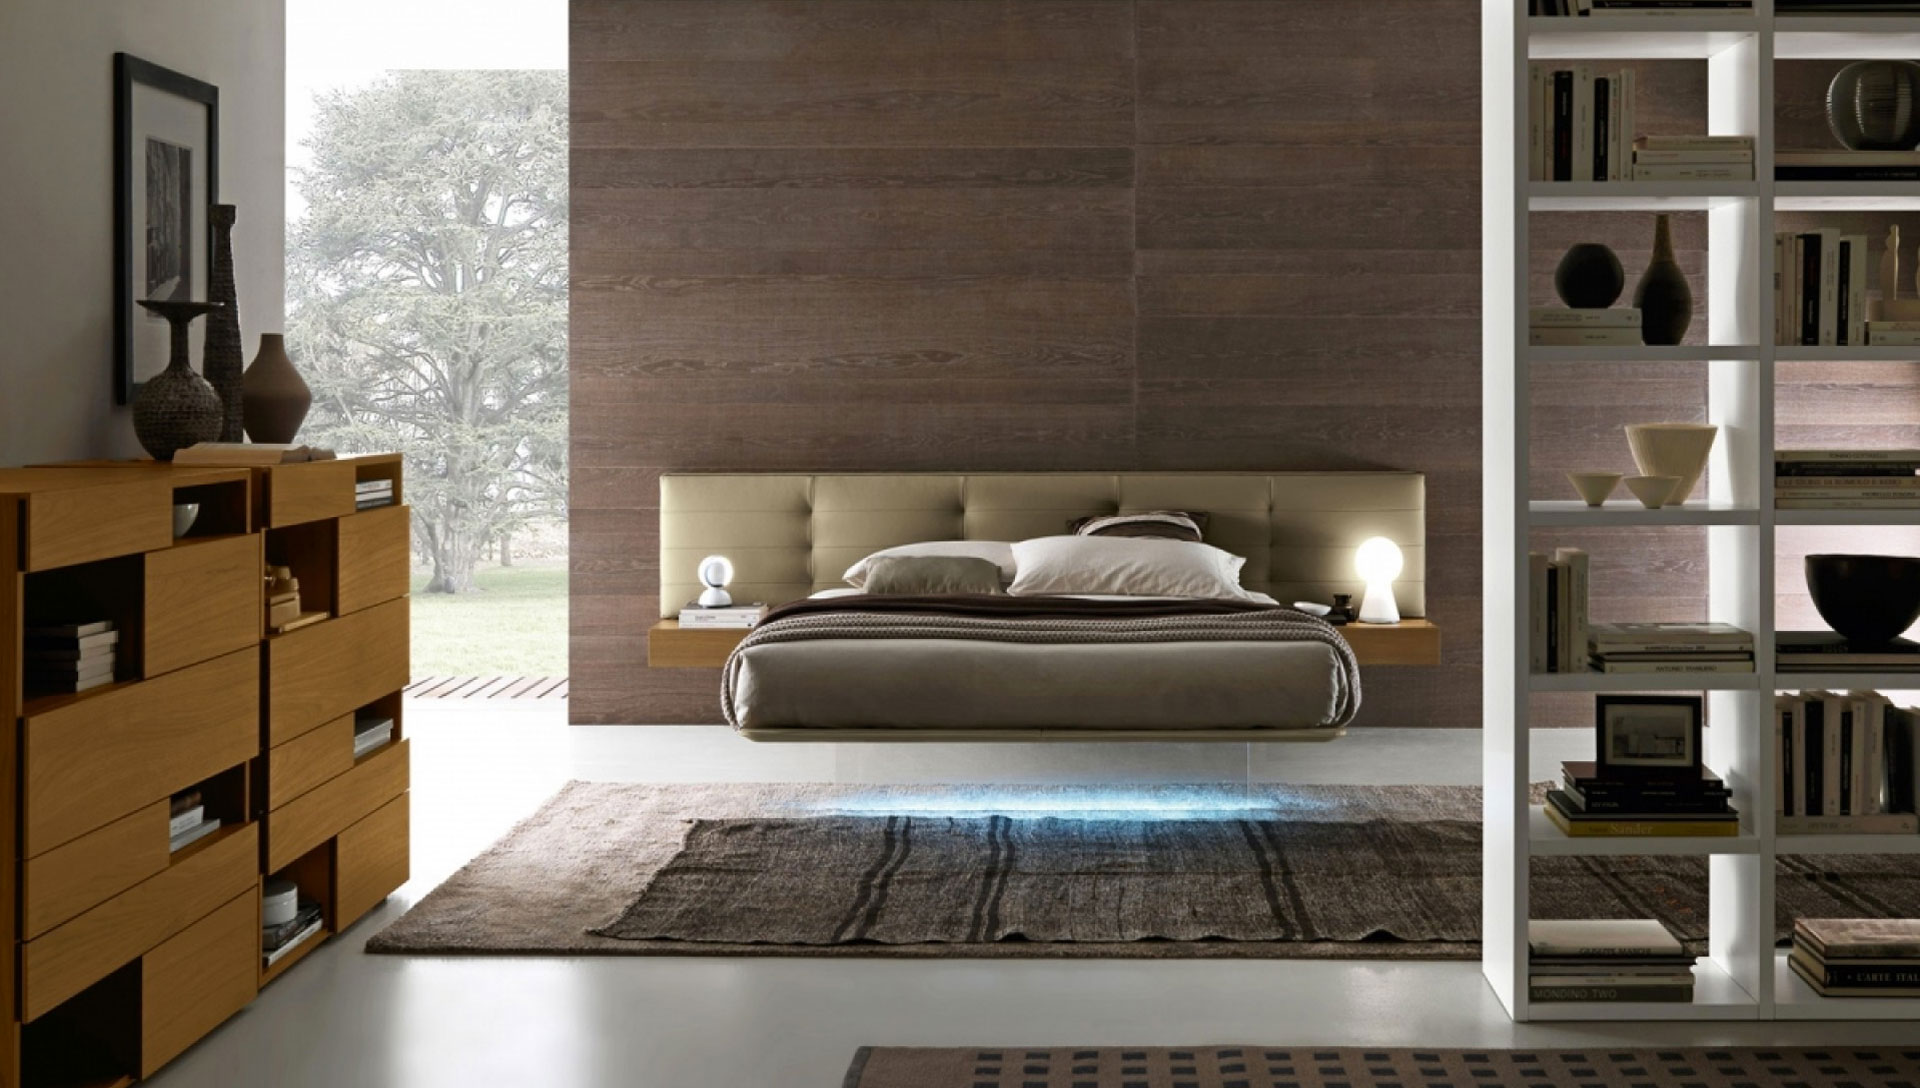 zona-notte-presotto-comodus-arredamenti-nicoletti-interni-interior-design-divani-complementi-arredo-mobili-design-accessori-matera